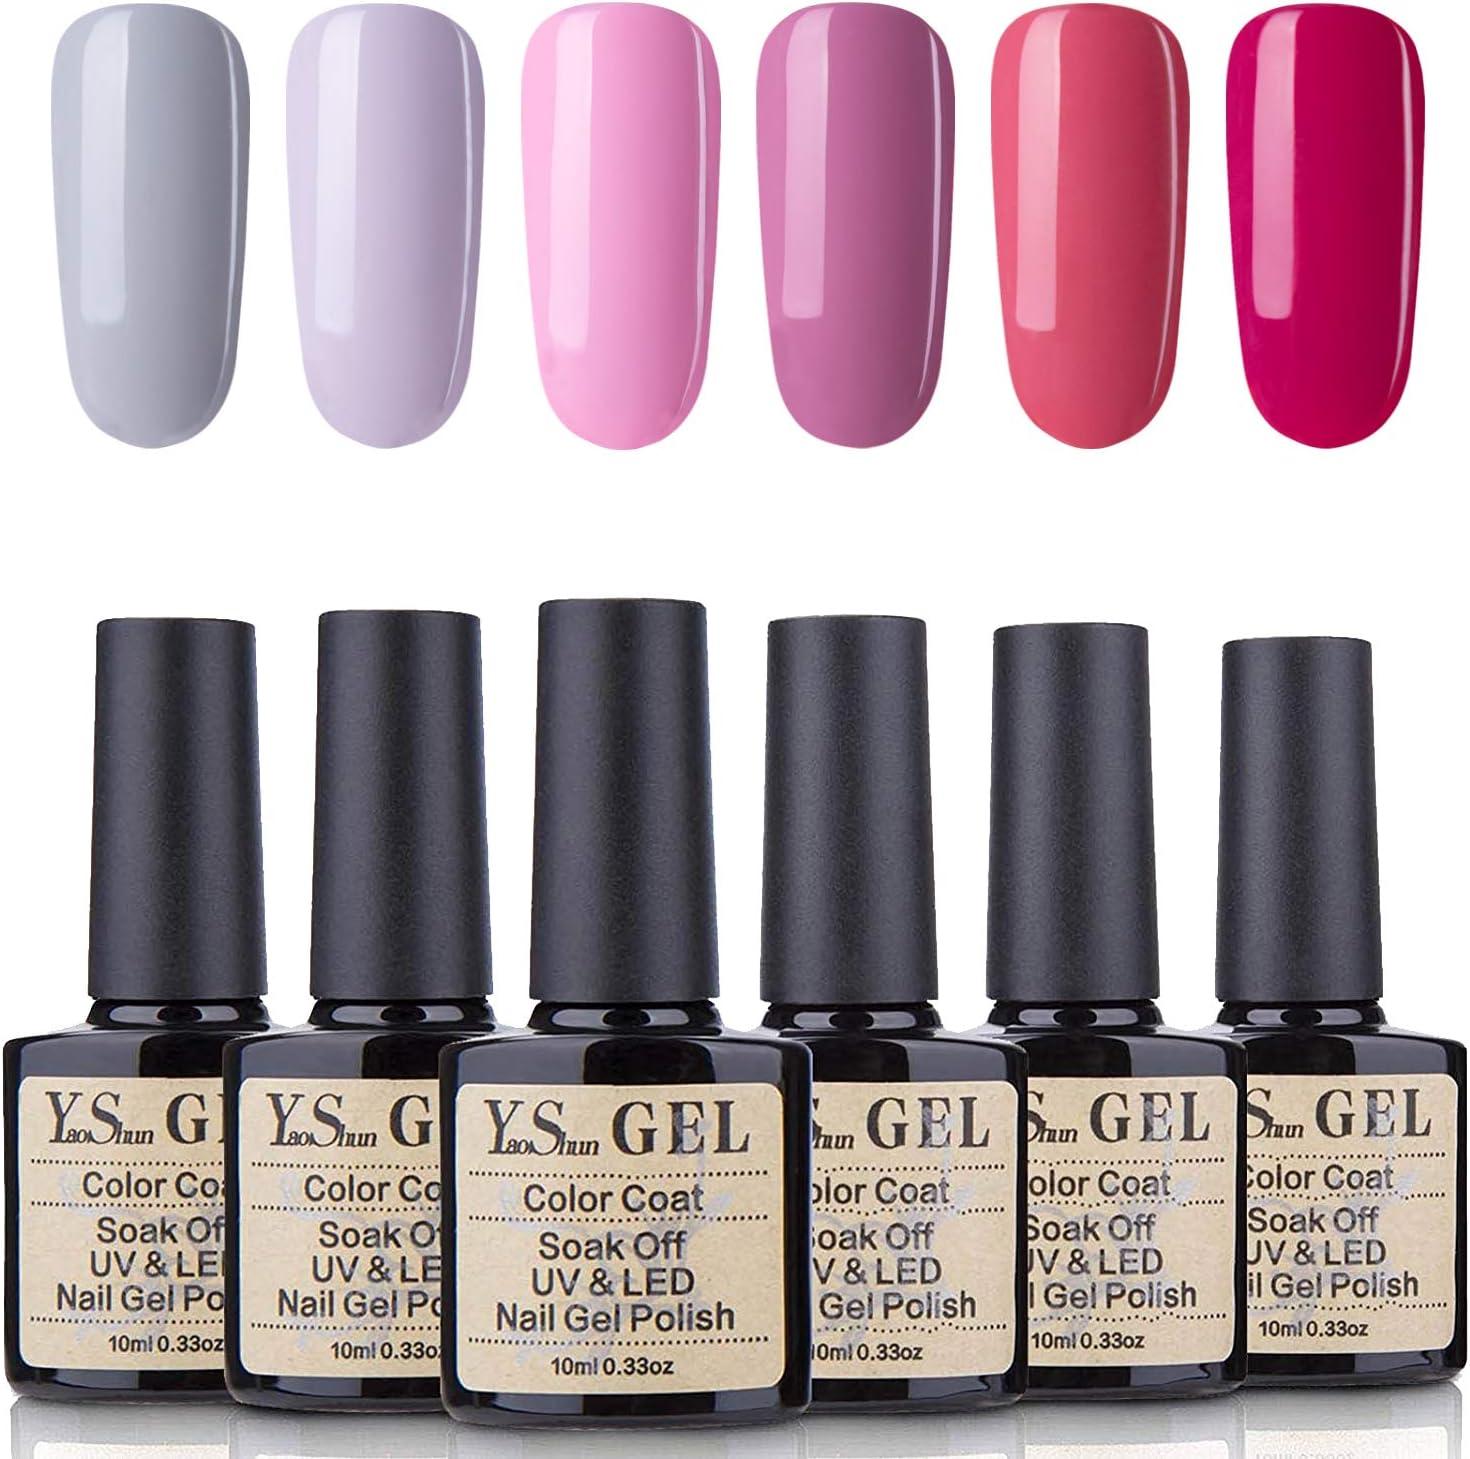 YaoShun Gel Nail Polish Kit - Soak Off Nail Gel UV LED Nail Polish 10ML Gel Polish Gift Box, French Manicure Gel Salon Art Kit #004